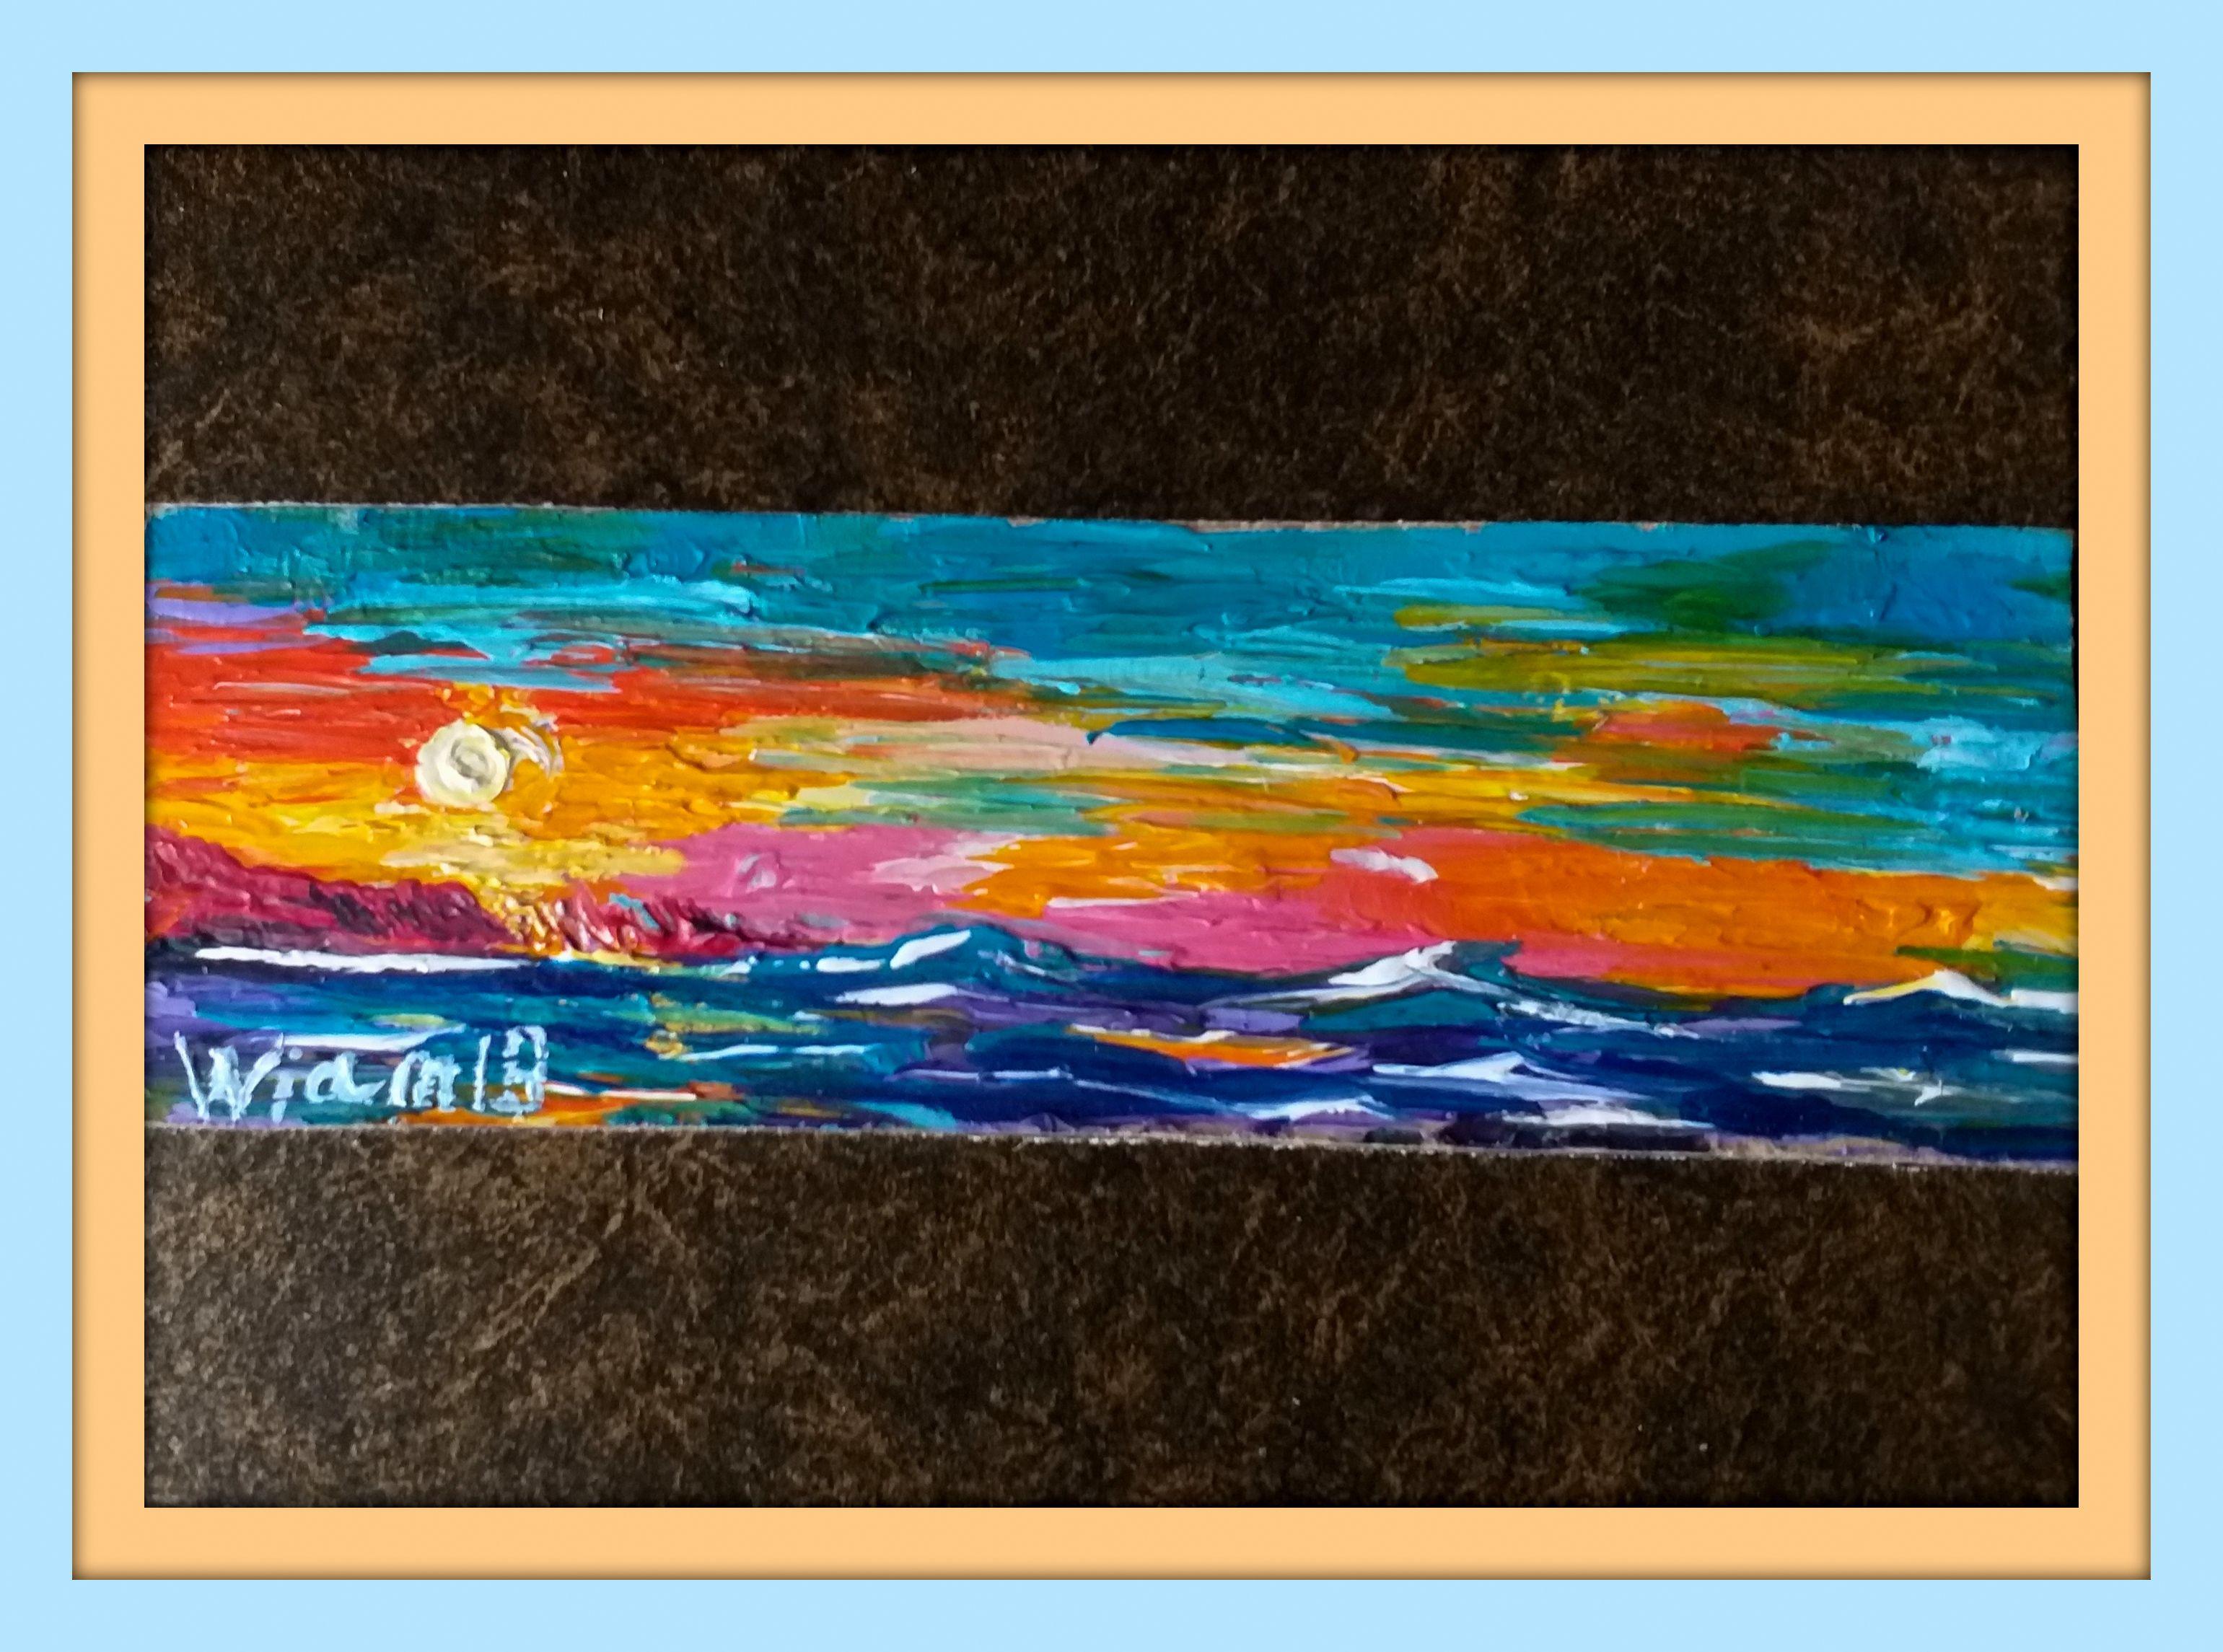 море картина вода акрил живопись